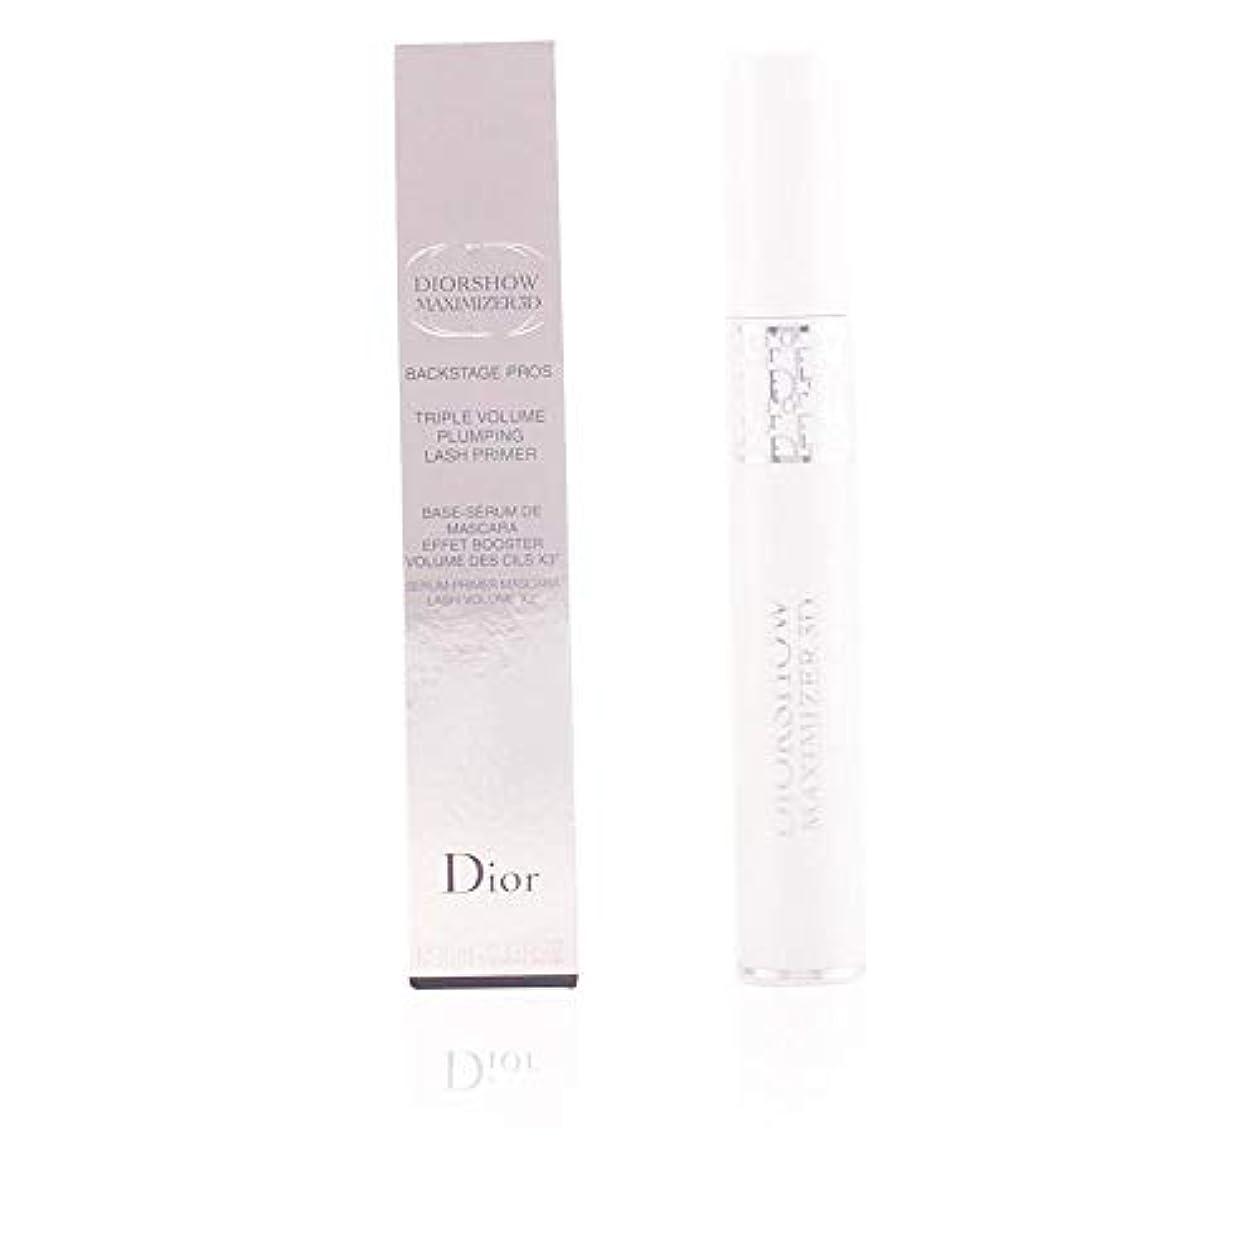 文字遅れ共感するクリスチャン ディオール(Christian Dior) ディオールショウ マキシマイザー 3D 10ml[並行輸入品]